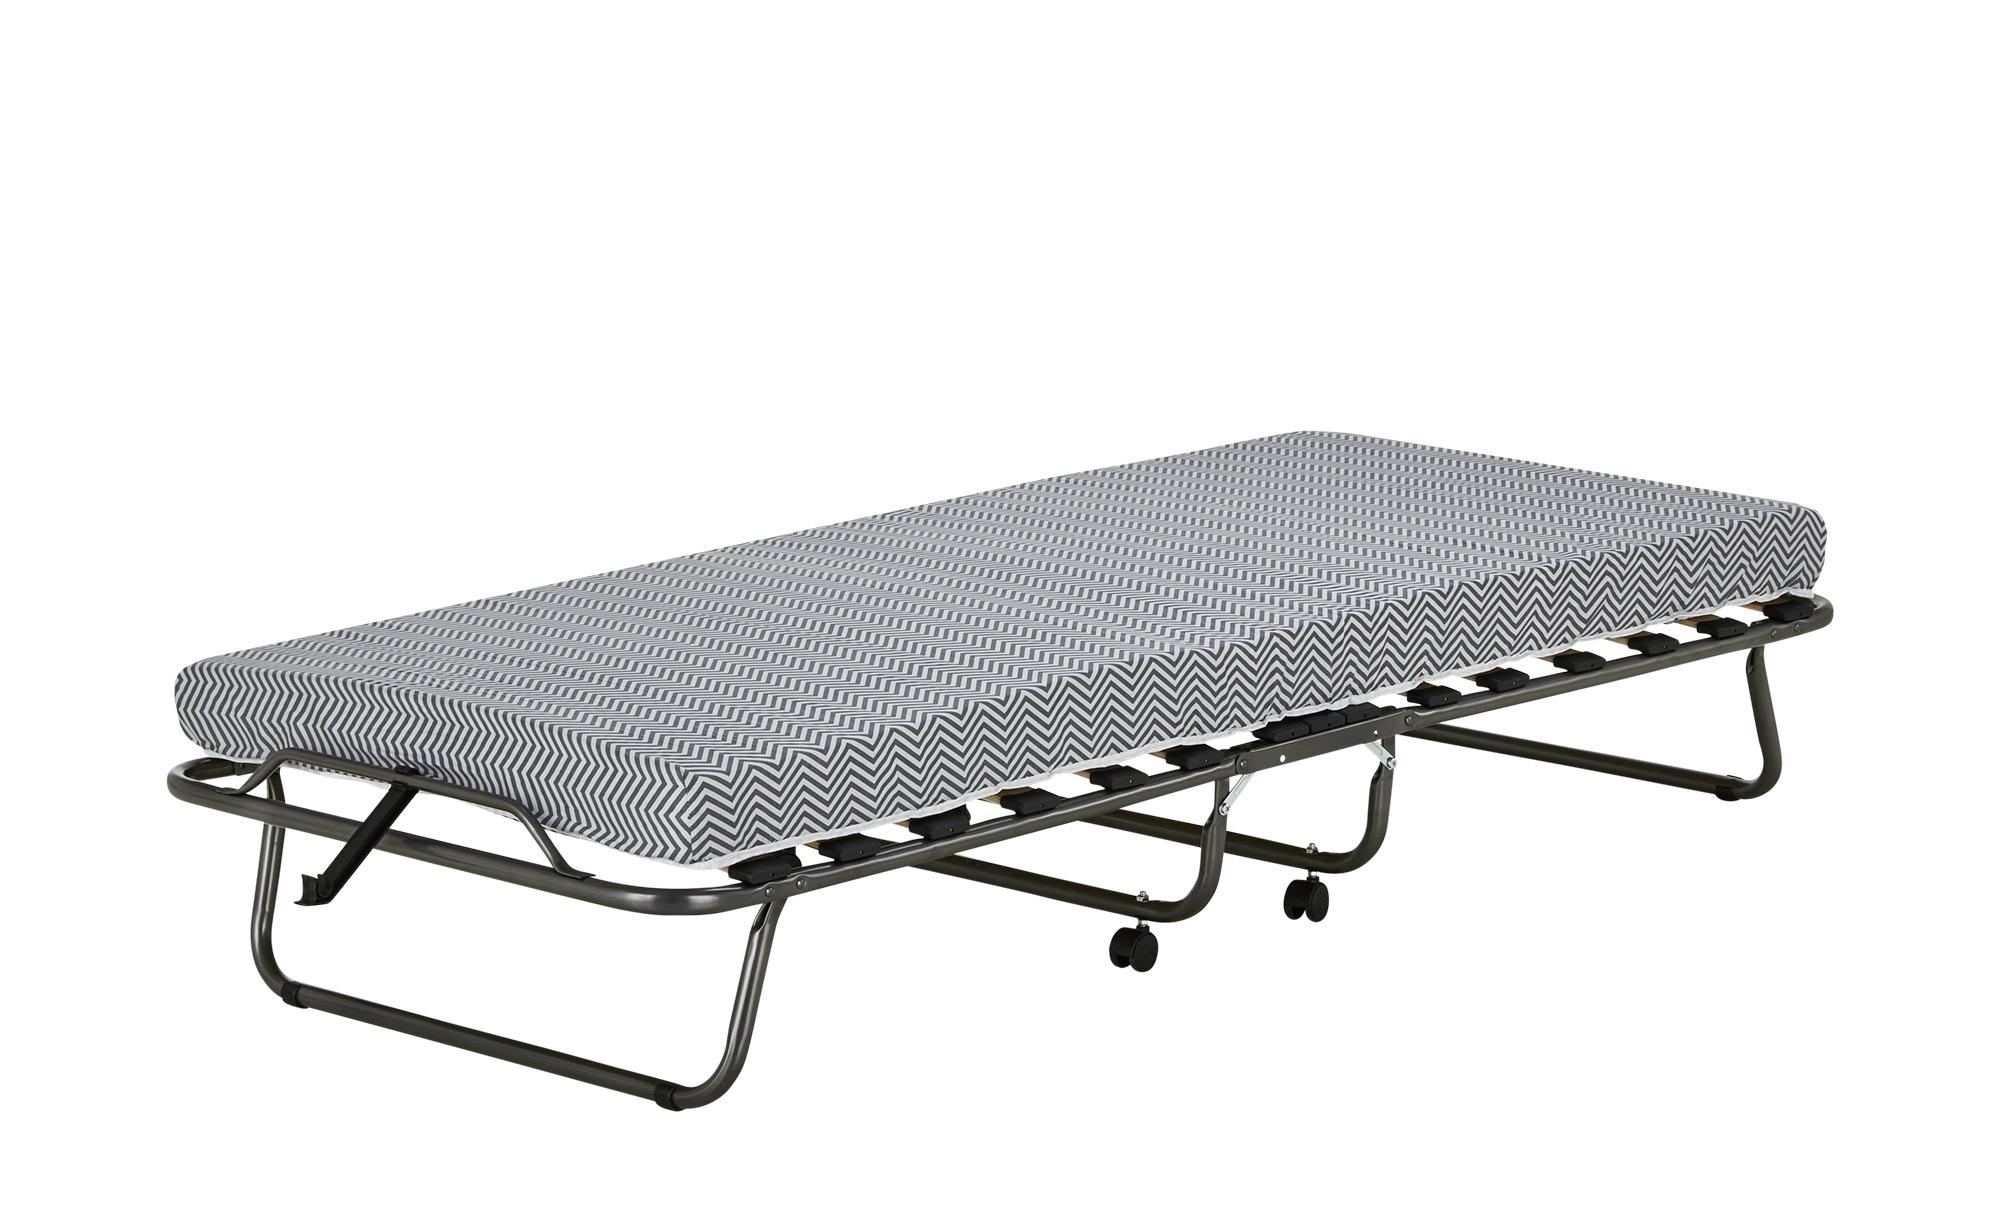 Gästebett - grau - 80 cm - 190 cm - Betten > Gästebetten - Möbel Kraft   Schlafzimmer > Betten > Gästebetten   Sconto